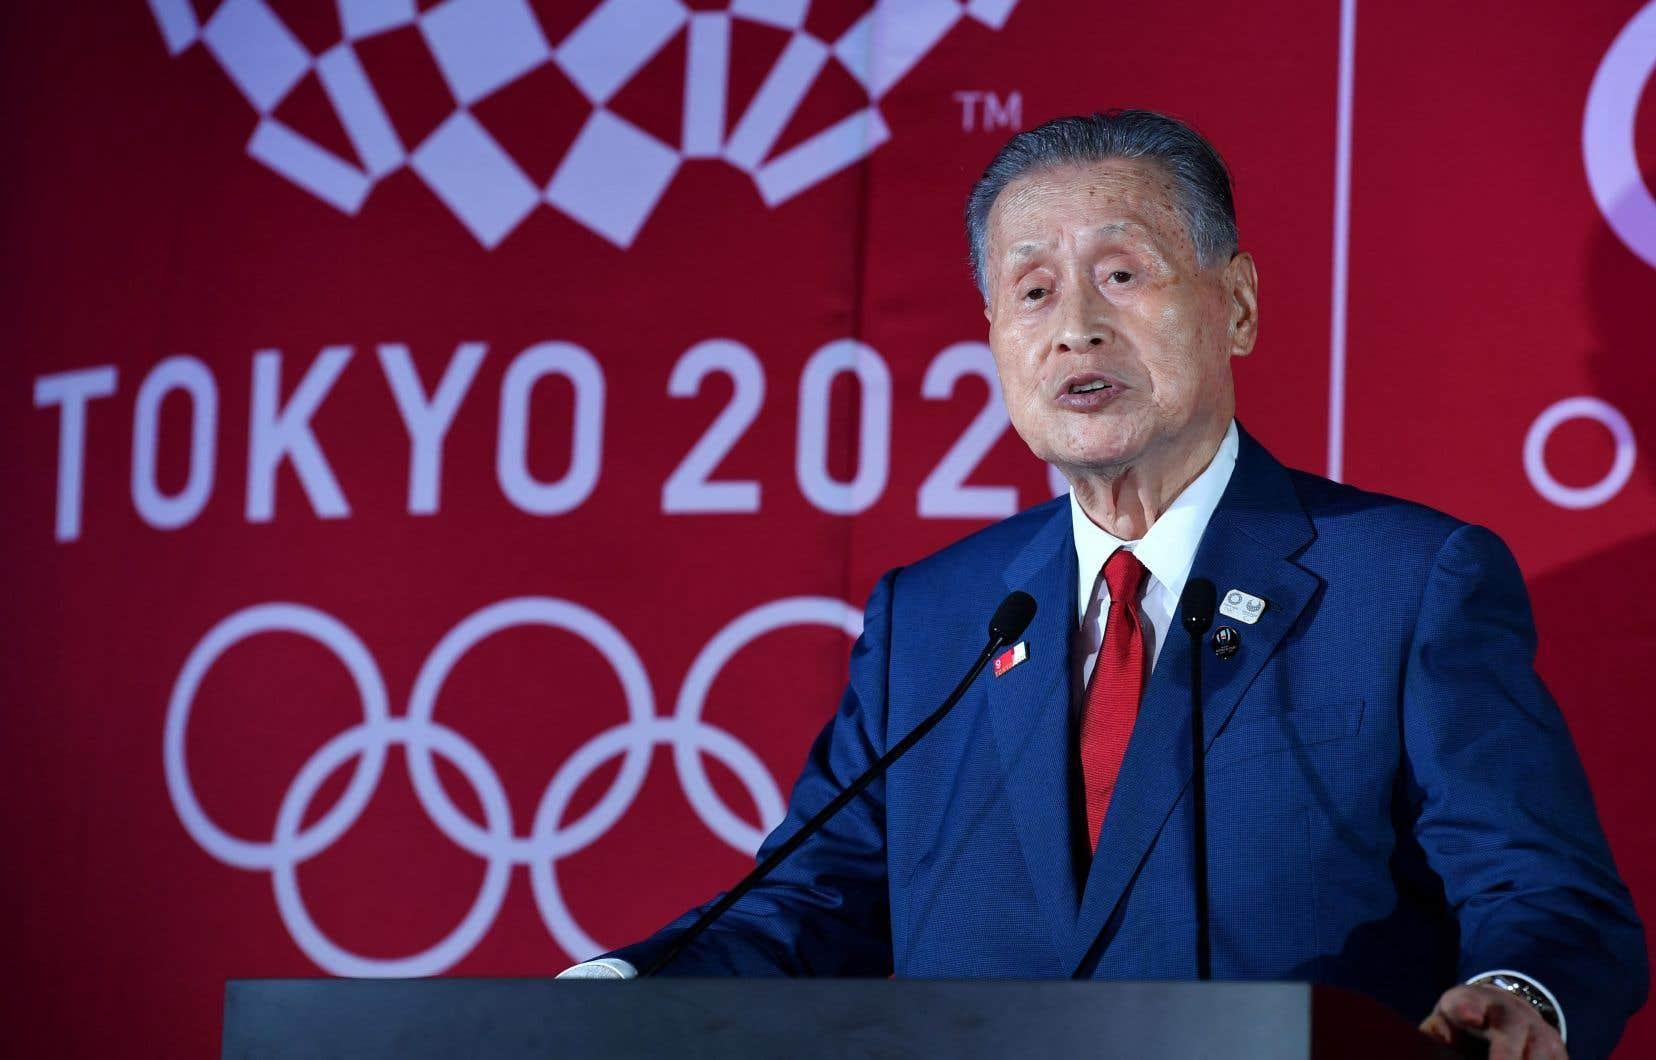 M.Mori, ancien premier ministre japonais connu pour ses dérapages verbaux, a déclaré la semaine dernière que les femmes avaient des difficultés à parler de manière concise lors des réunions, ce qui est «embêtant».